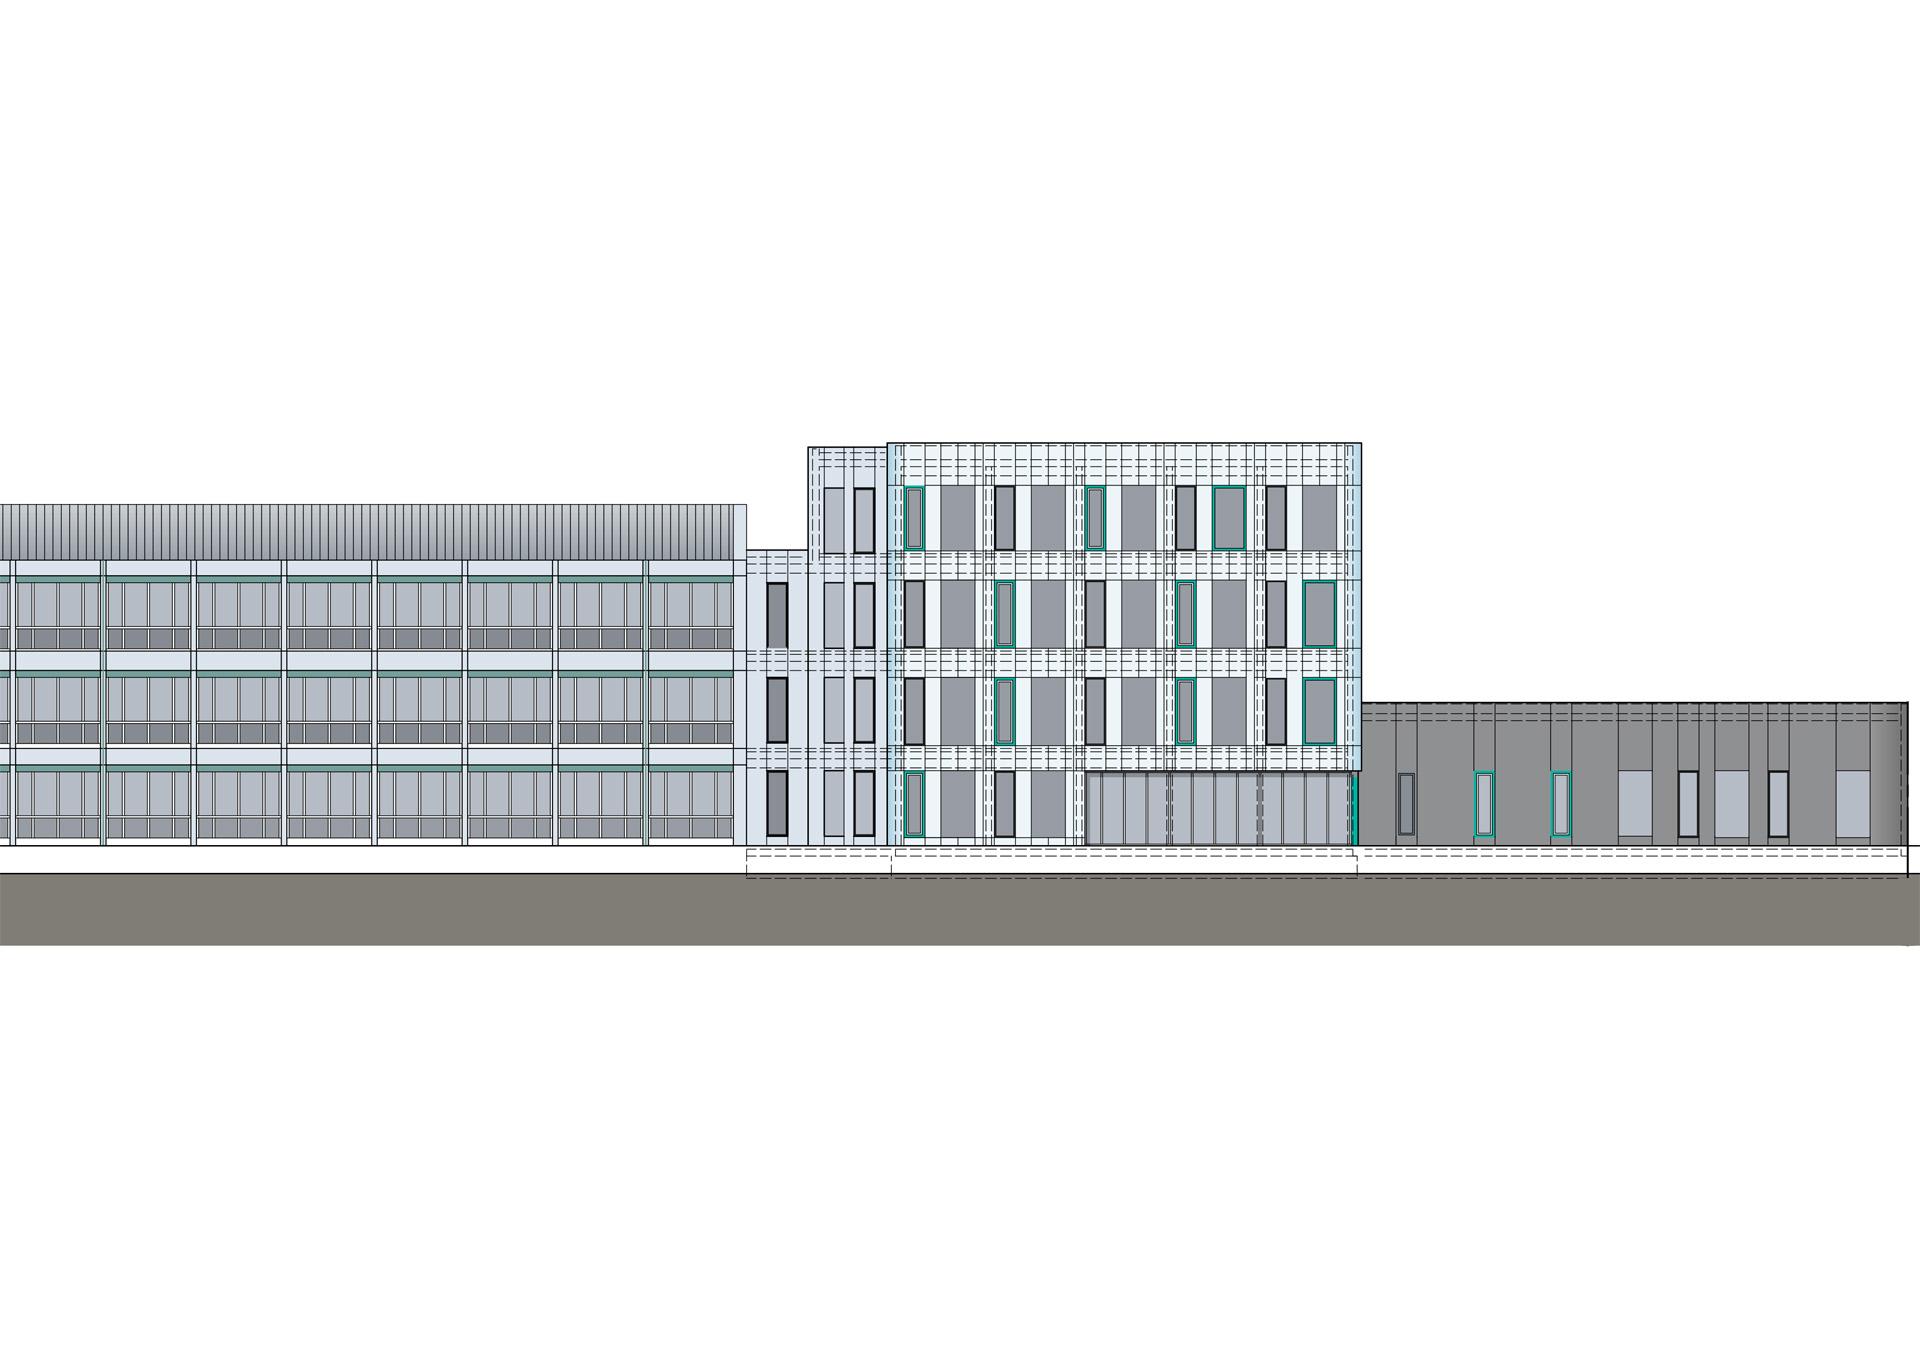 Büroanbau und Hallenerweiterung Dekra Chemnitz – Erstellung des Bauantrages